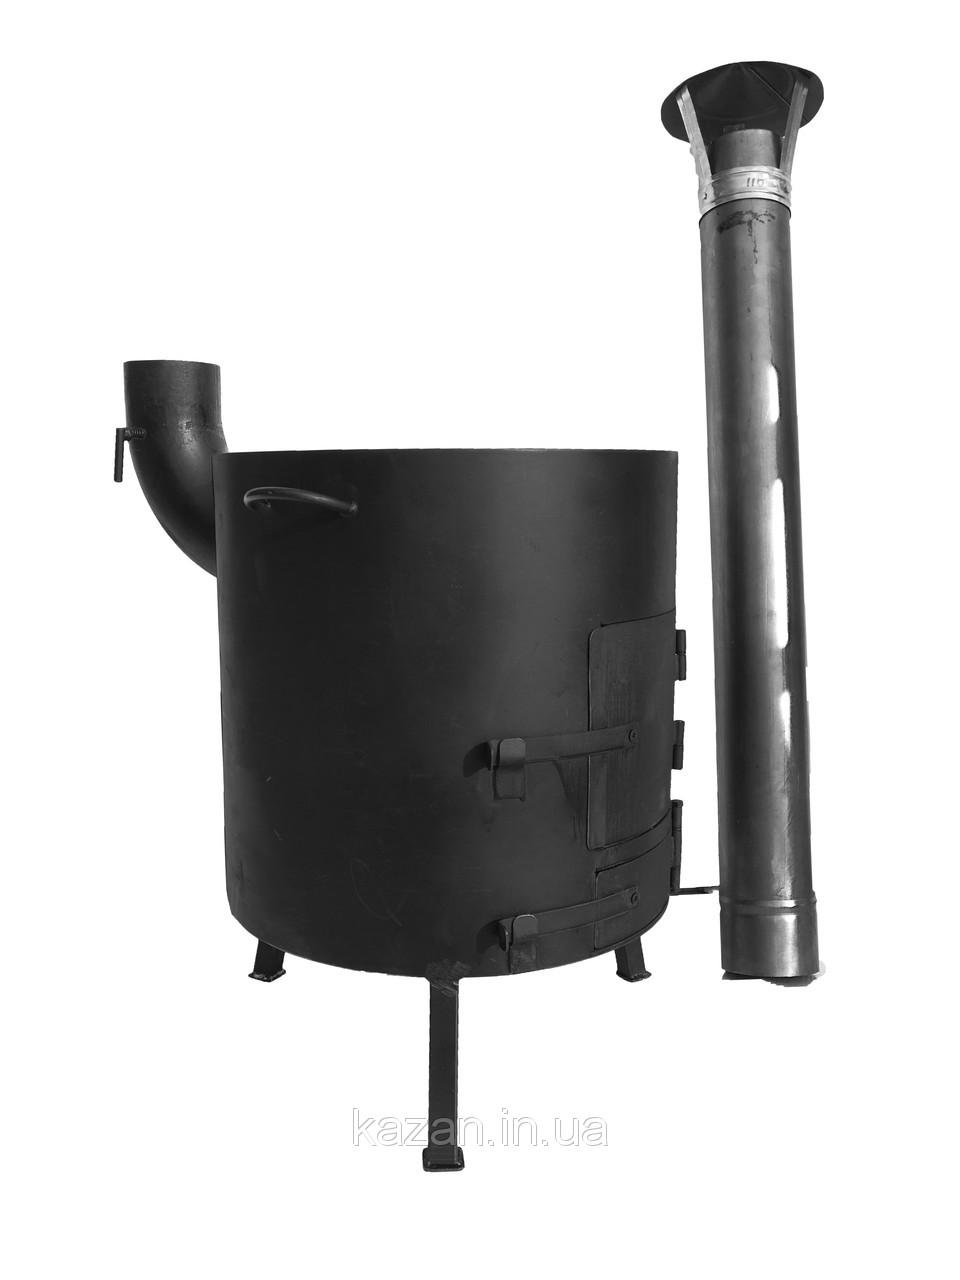 Печка для казана с поддувалом в диаметре 400мм